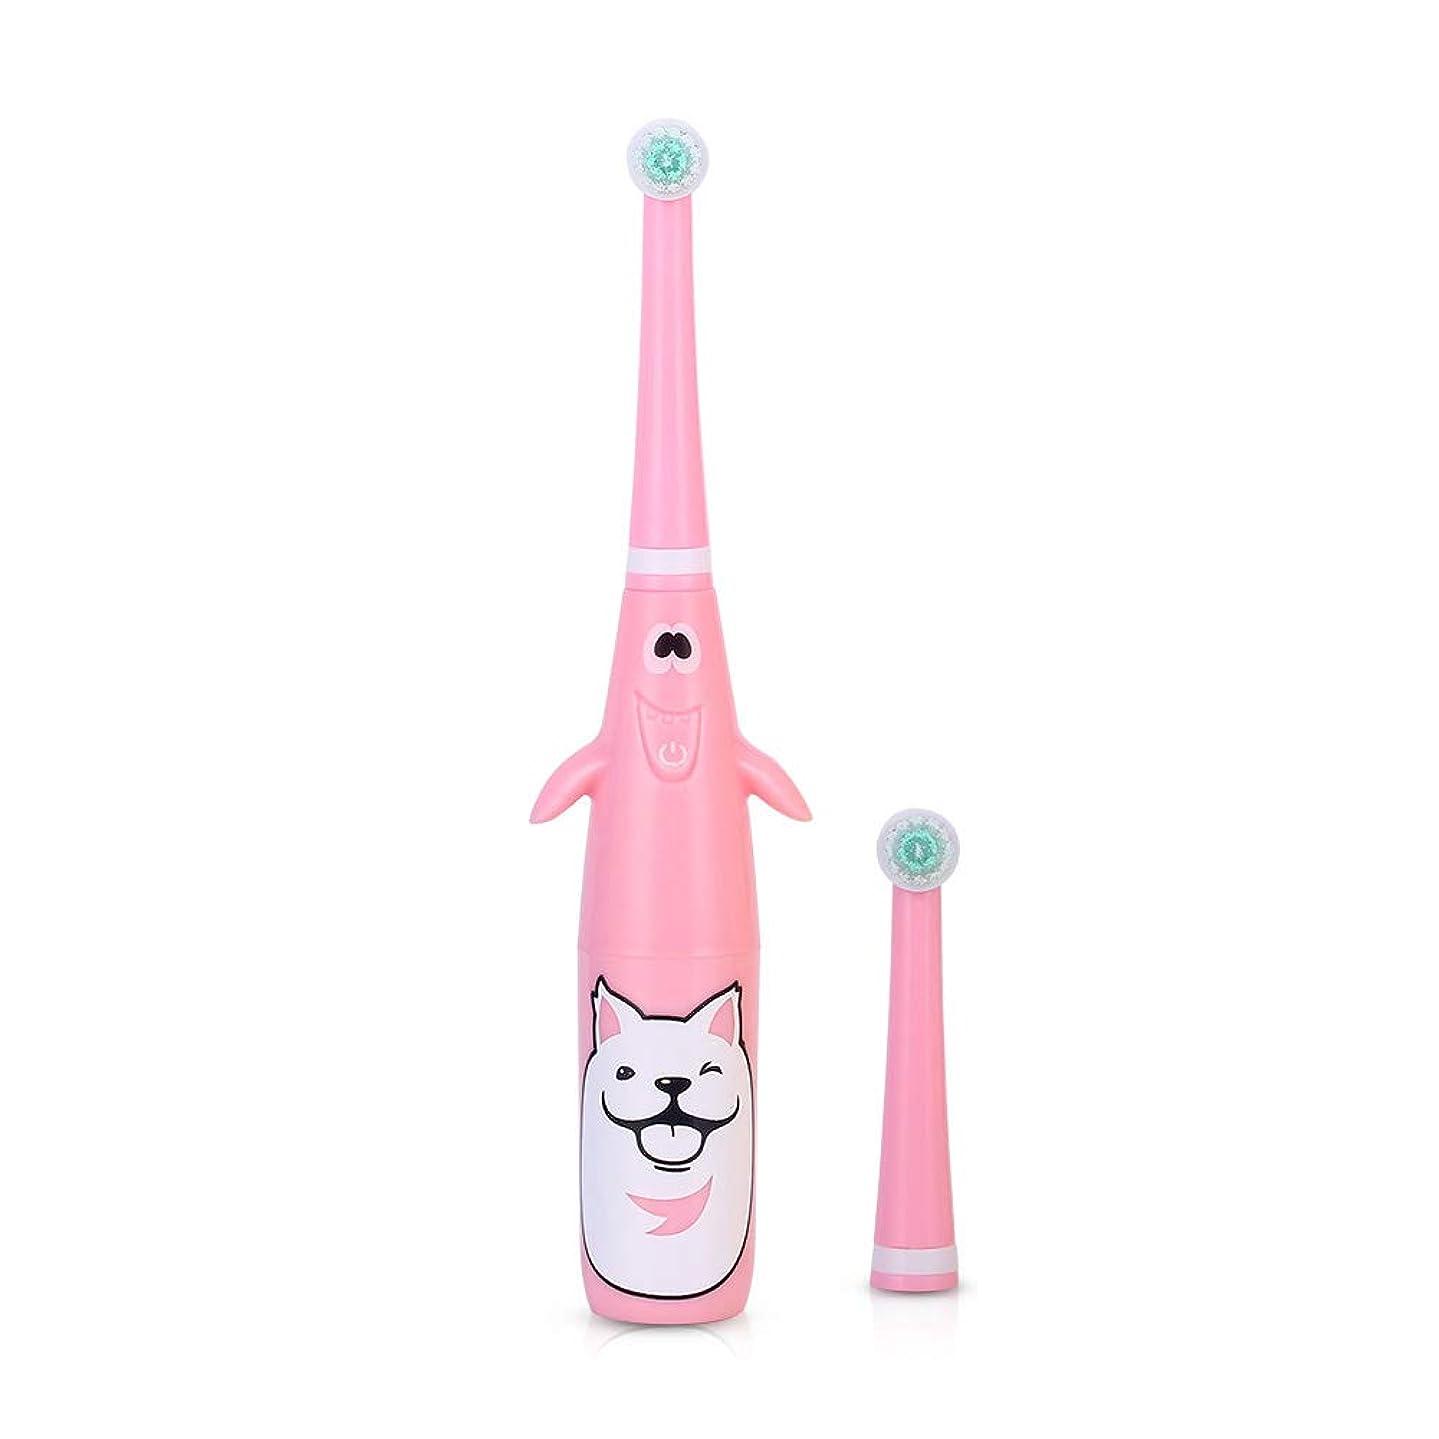 周囲シンポジウム屋内SOOKi 子供の電動歯ブラシ、子供のための2つの取り替えの頭部が付いている電池式の電子音波の歯ブラシ,Pink